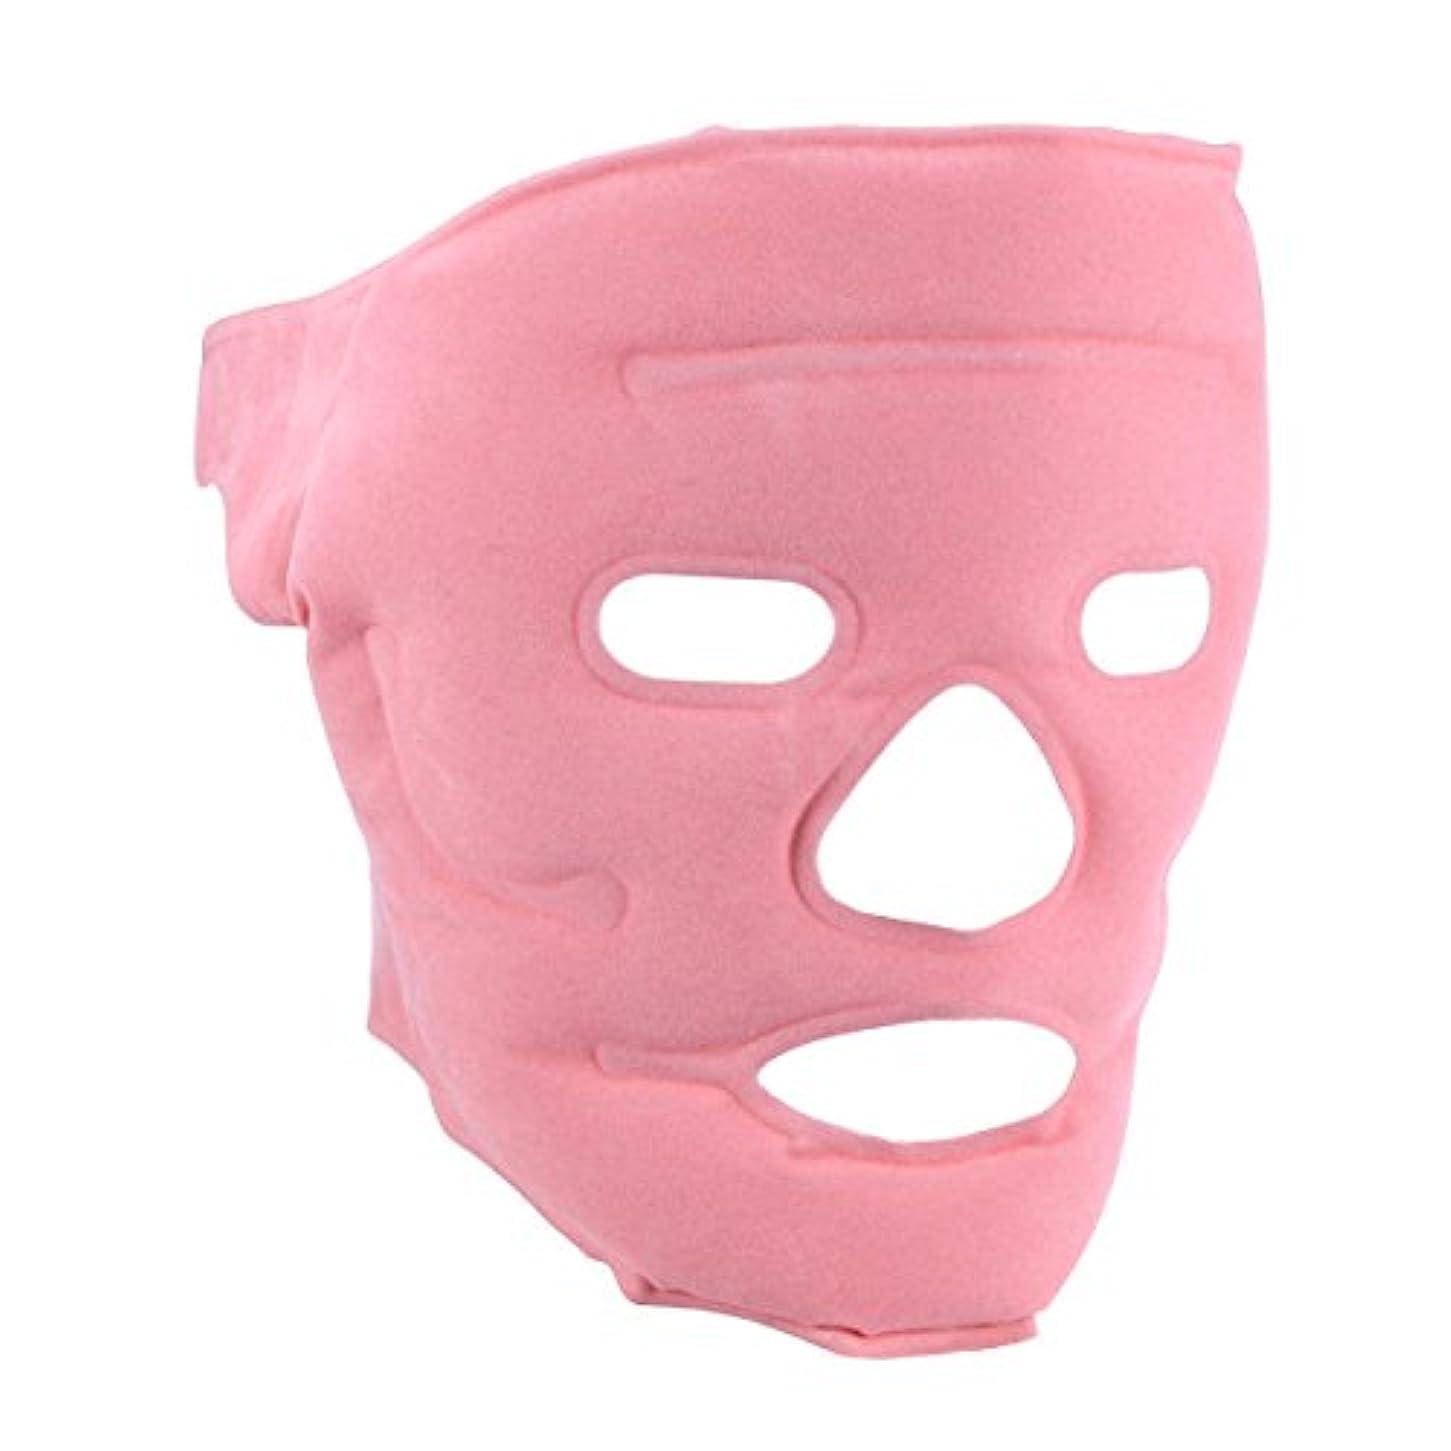 キャンディー頬骨助言するROSENICE トルマリンゲルマグネットフェイシャルマスクスリミング美容マッサージフェイスマスク薄型フェイスポーチ